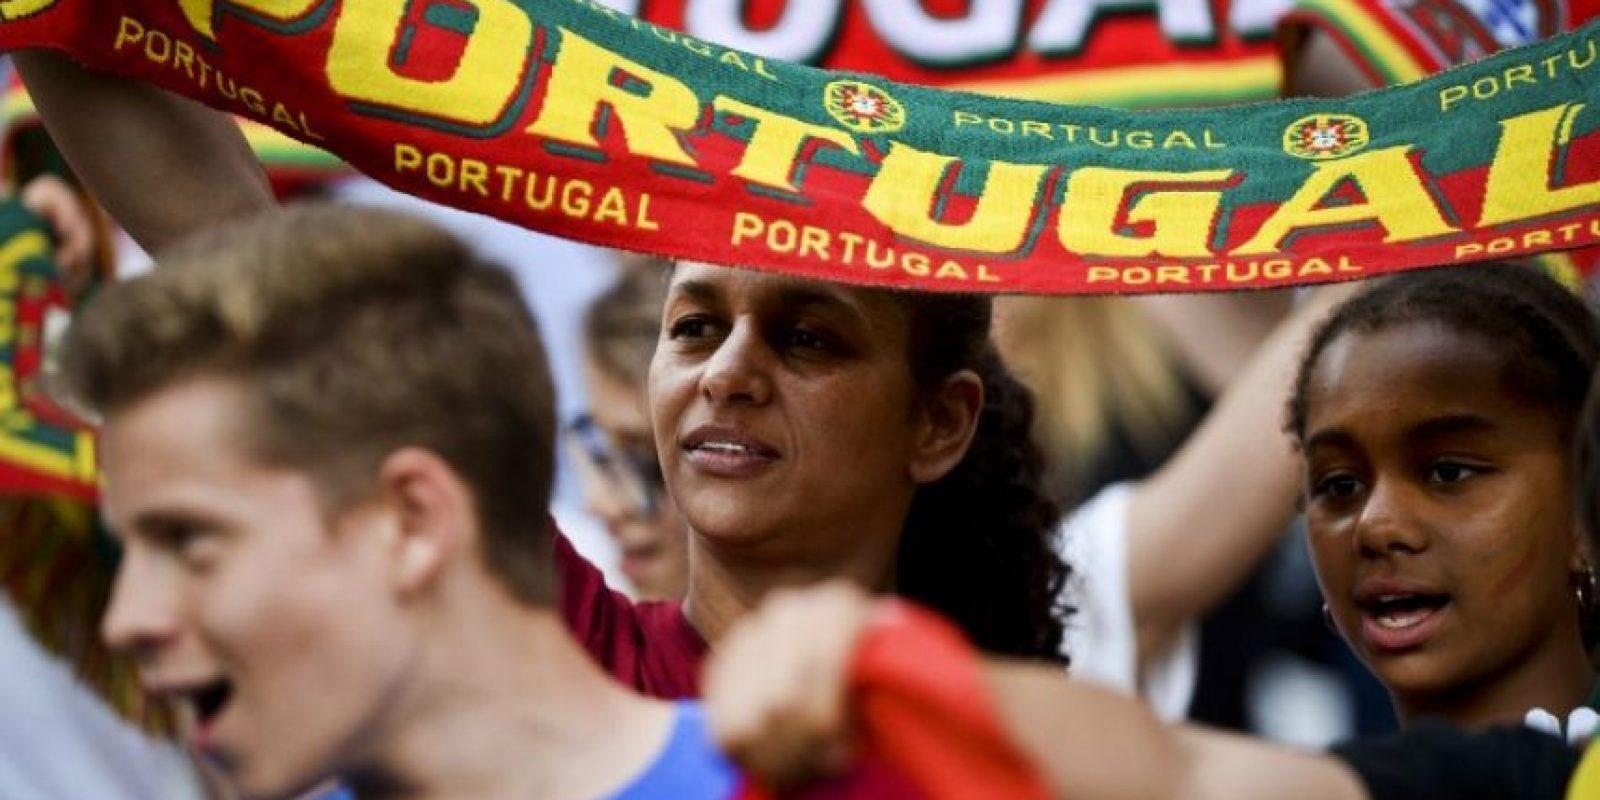 CR7 y Portugal ya esperan su debut en la Euro el 14 de junio contra Islandia. Foto:AFP